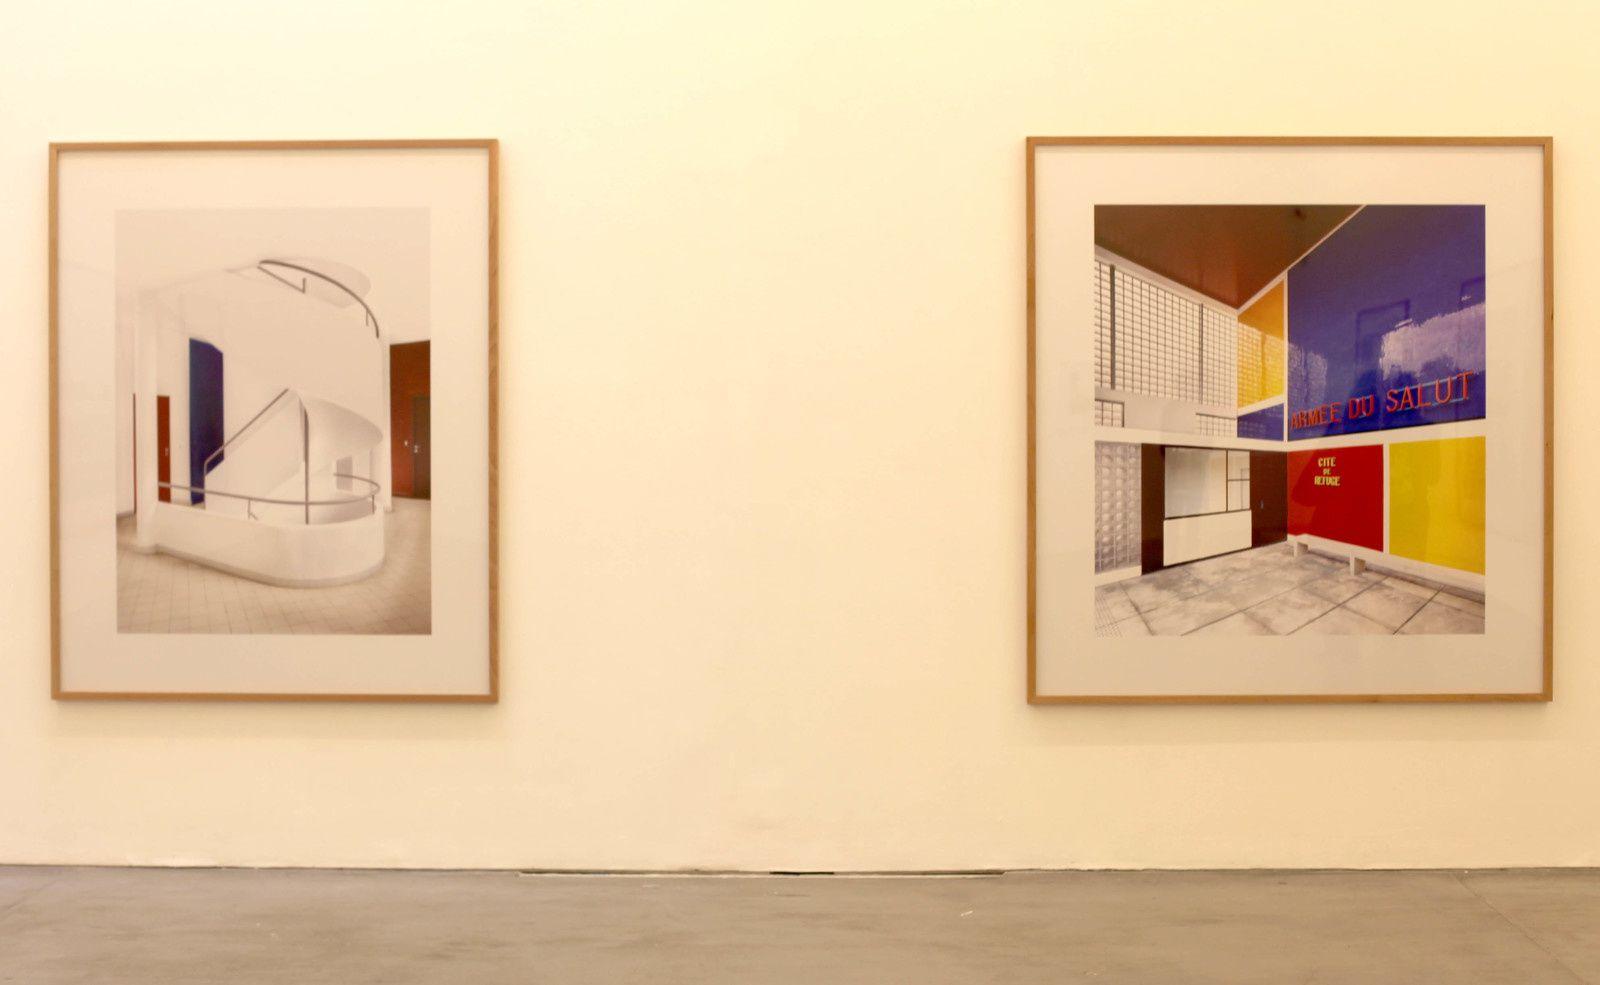 """""""Villa Savoye (Le Corbusier) Poissy VI"""", 2018 et """" Cité Refuge de l'Armée du Salut (Le Corbusier) III Paris"""",  2018 de Candida HÖFER - Courtesy VNH Gallery"""